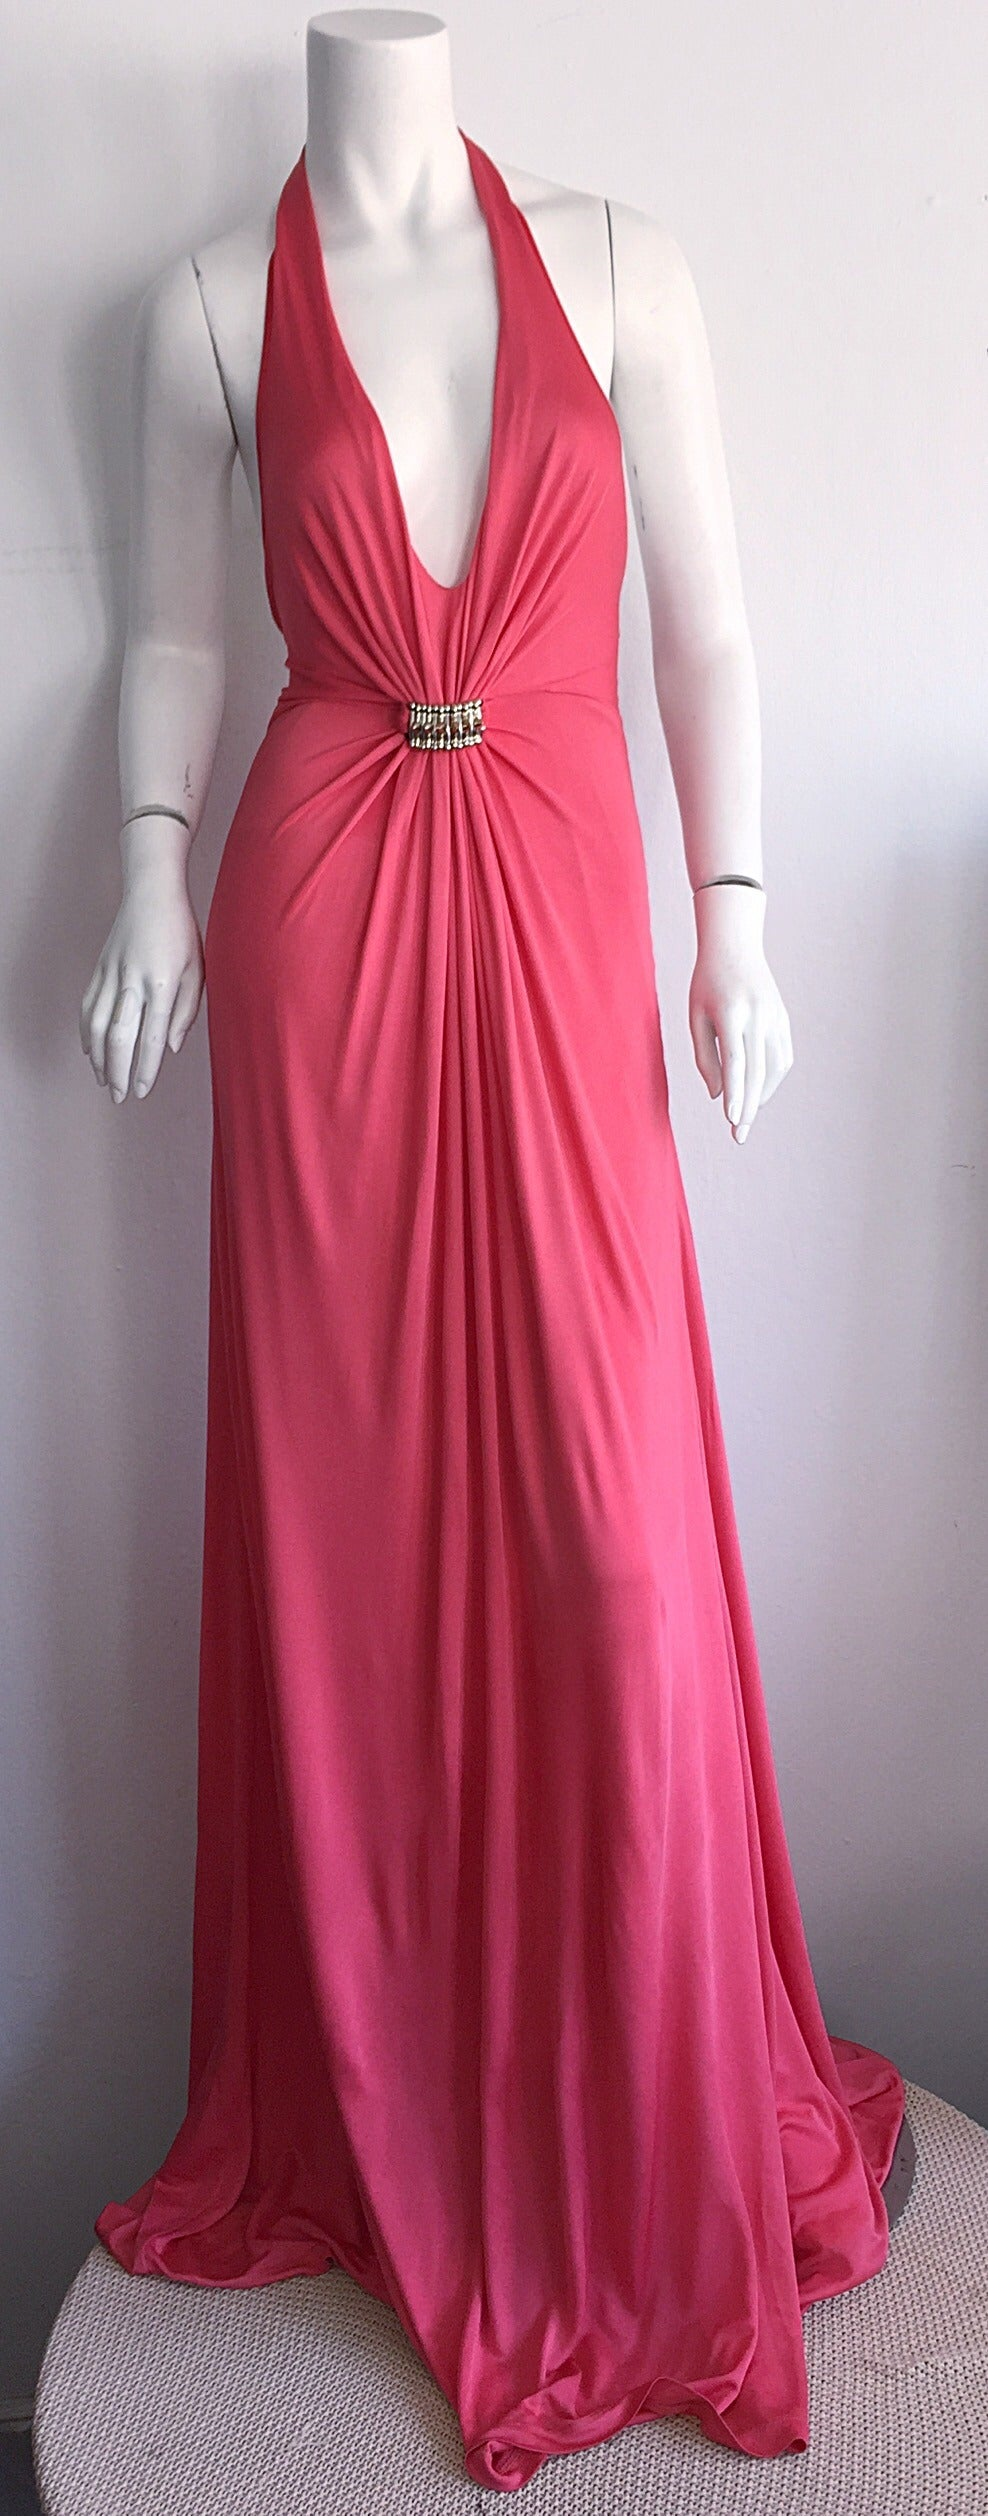 Byblos Pink Silk Jersey ' Plunge ' Pink Coral Halter Gown w/ Spikes 7